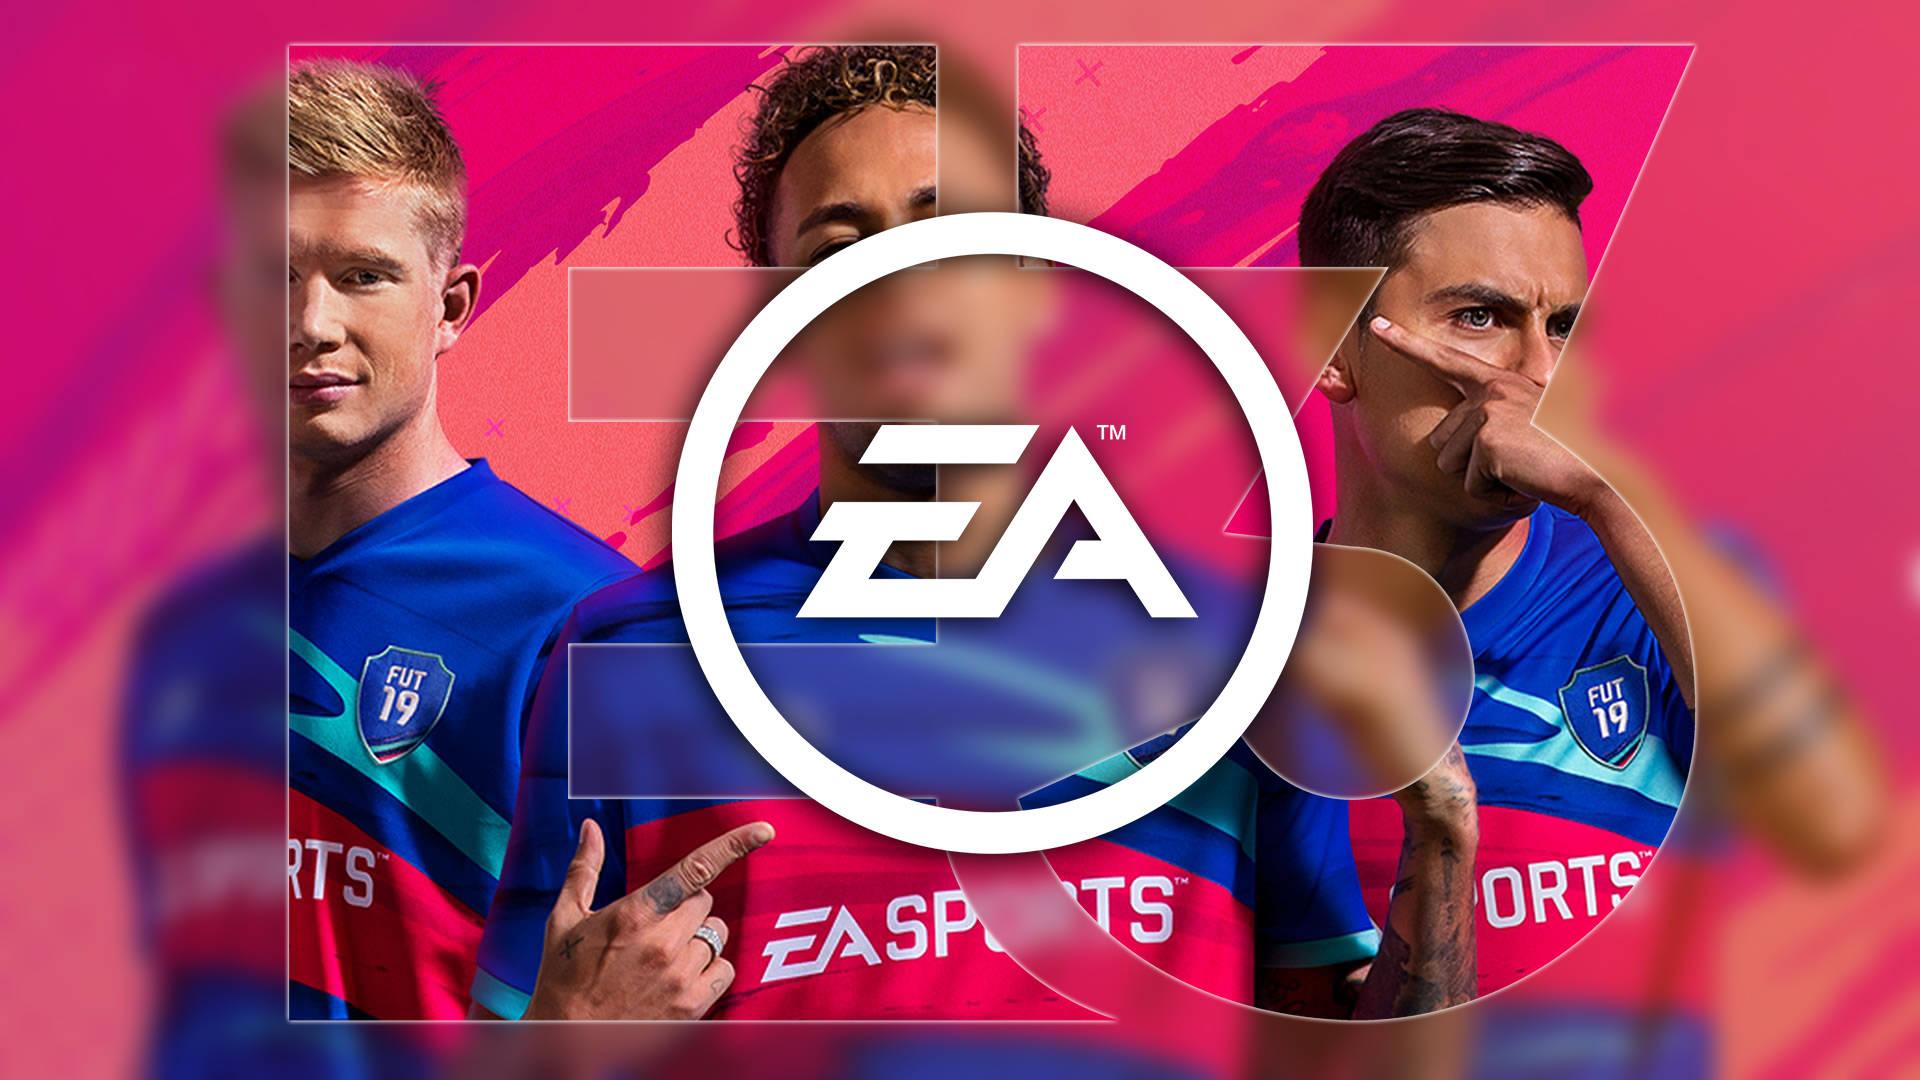 E3 2019 - Electronic Arts